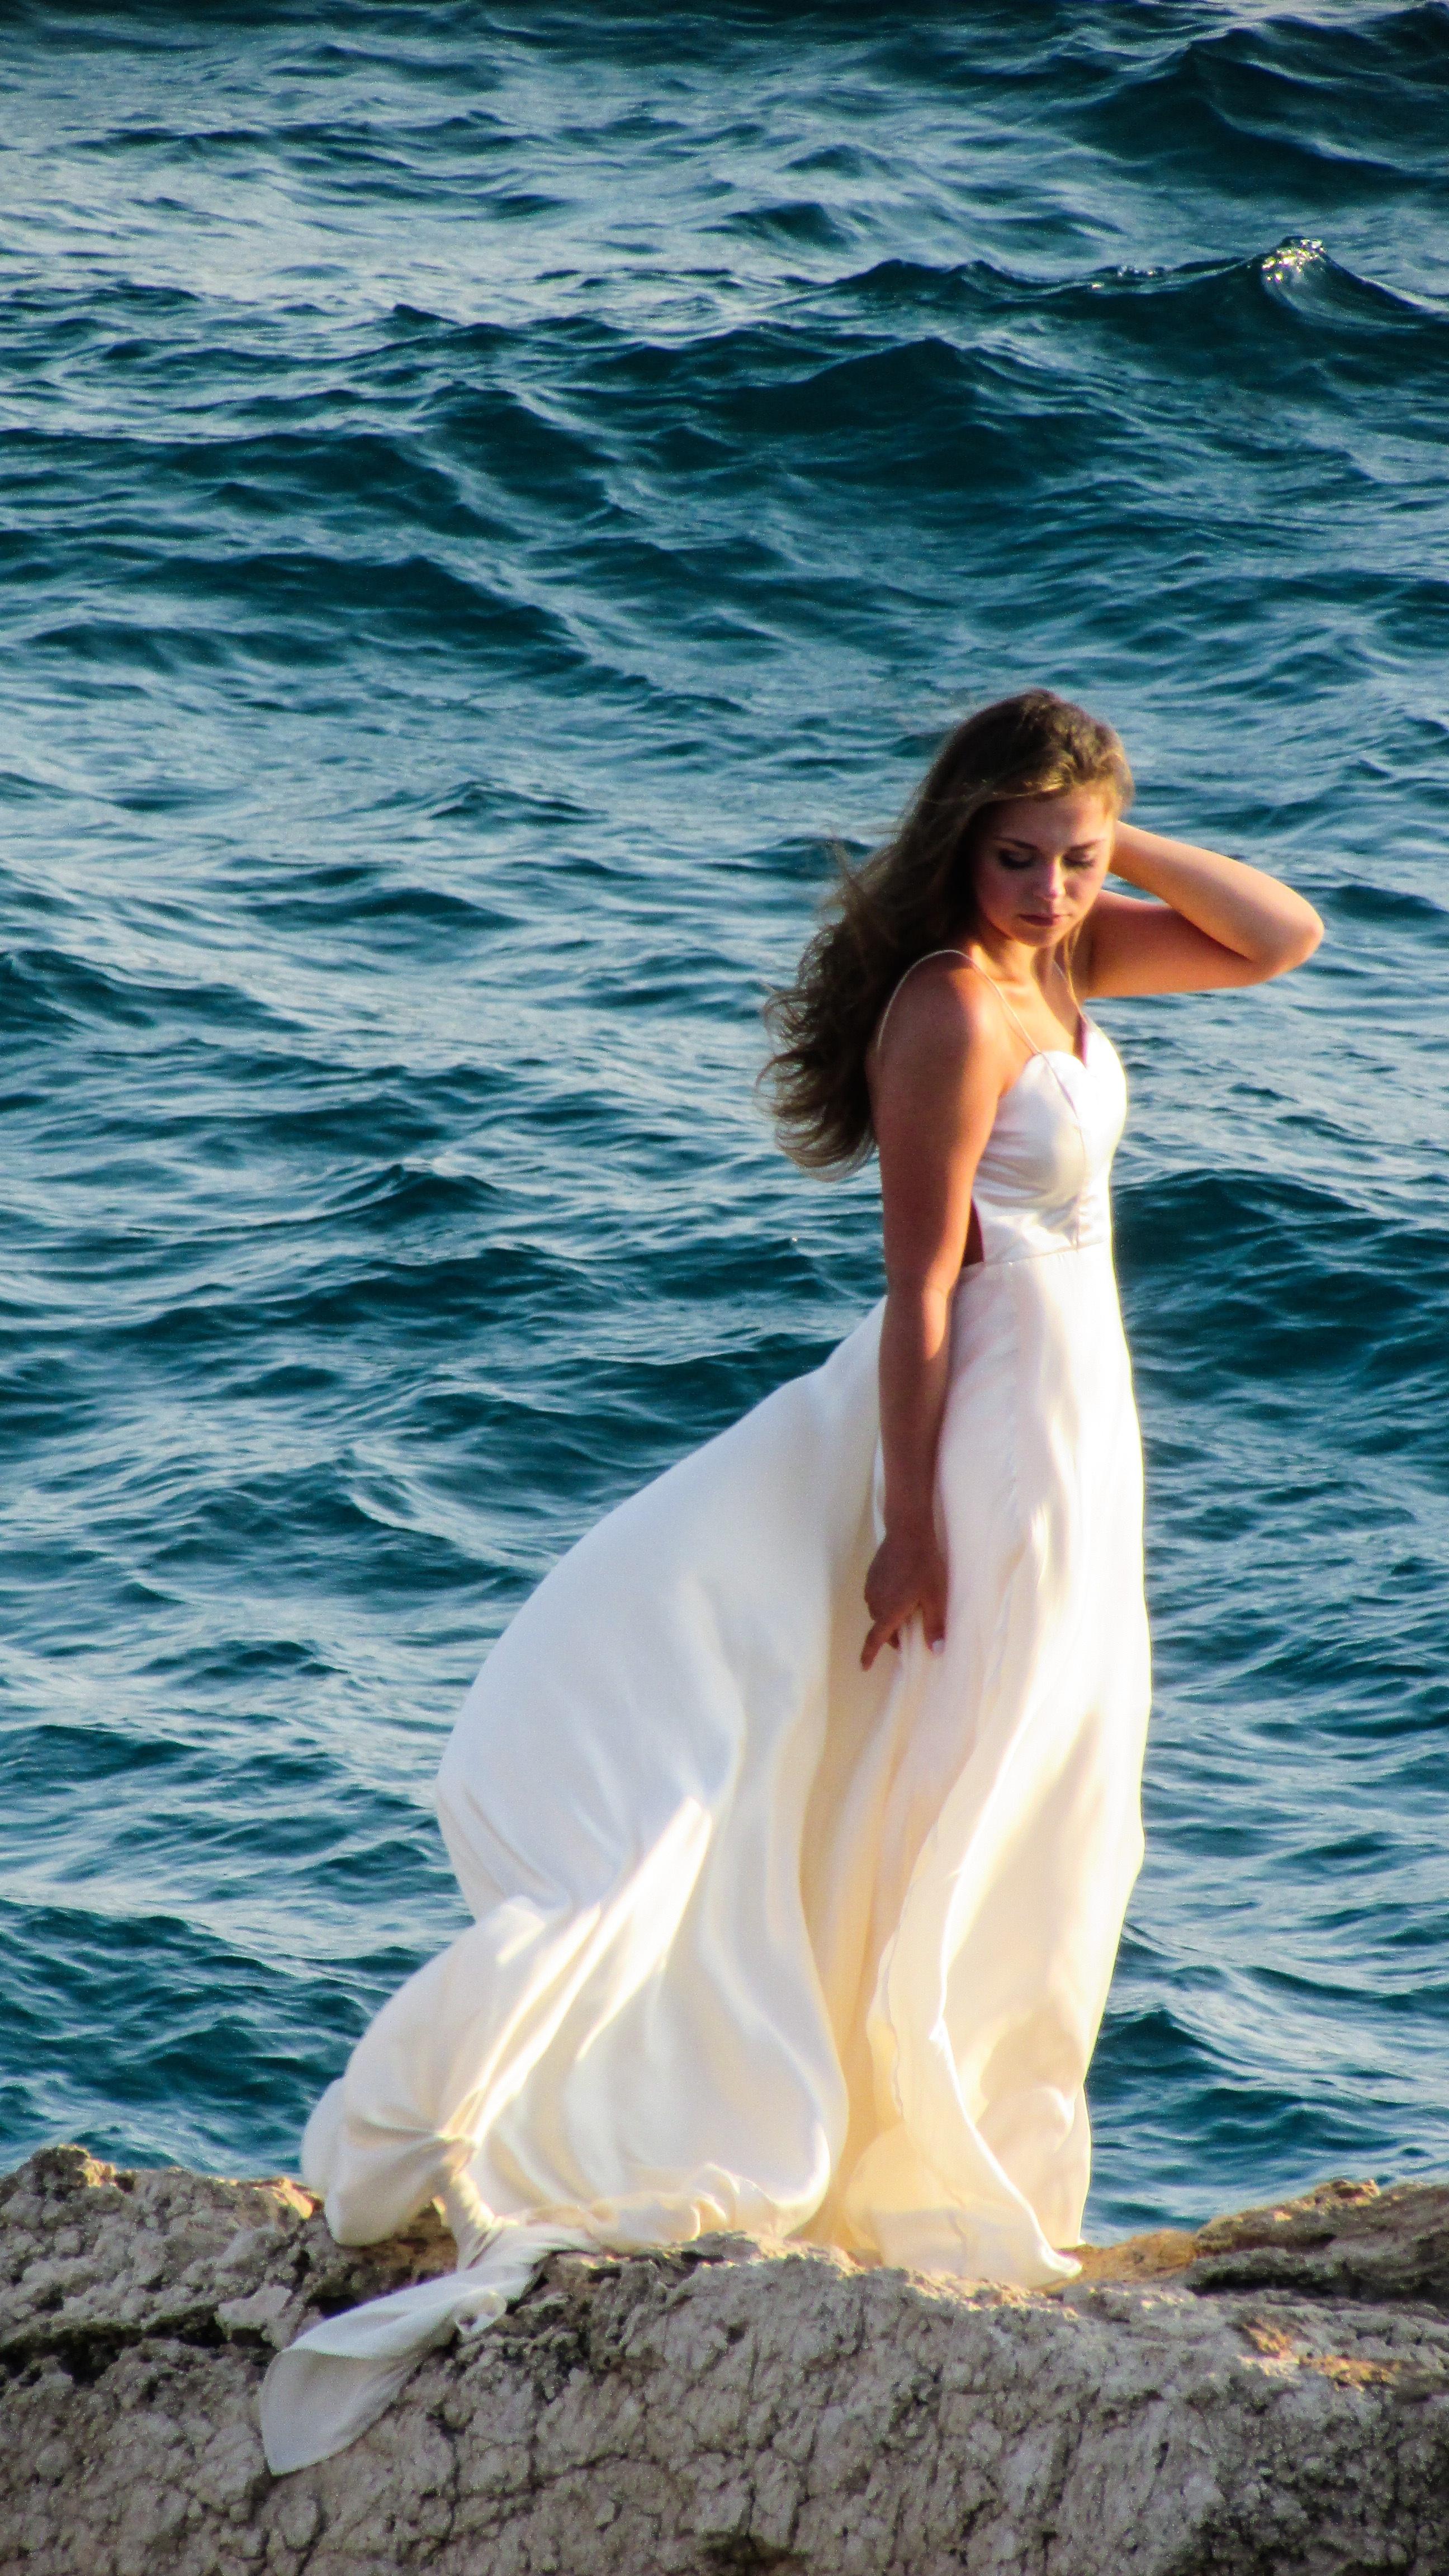 С девушкой на море романтика